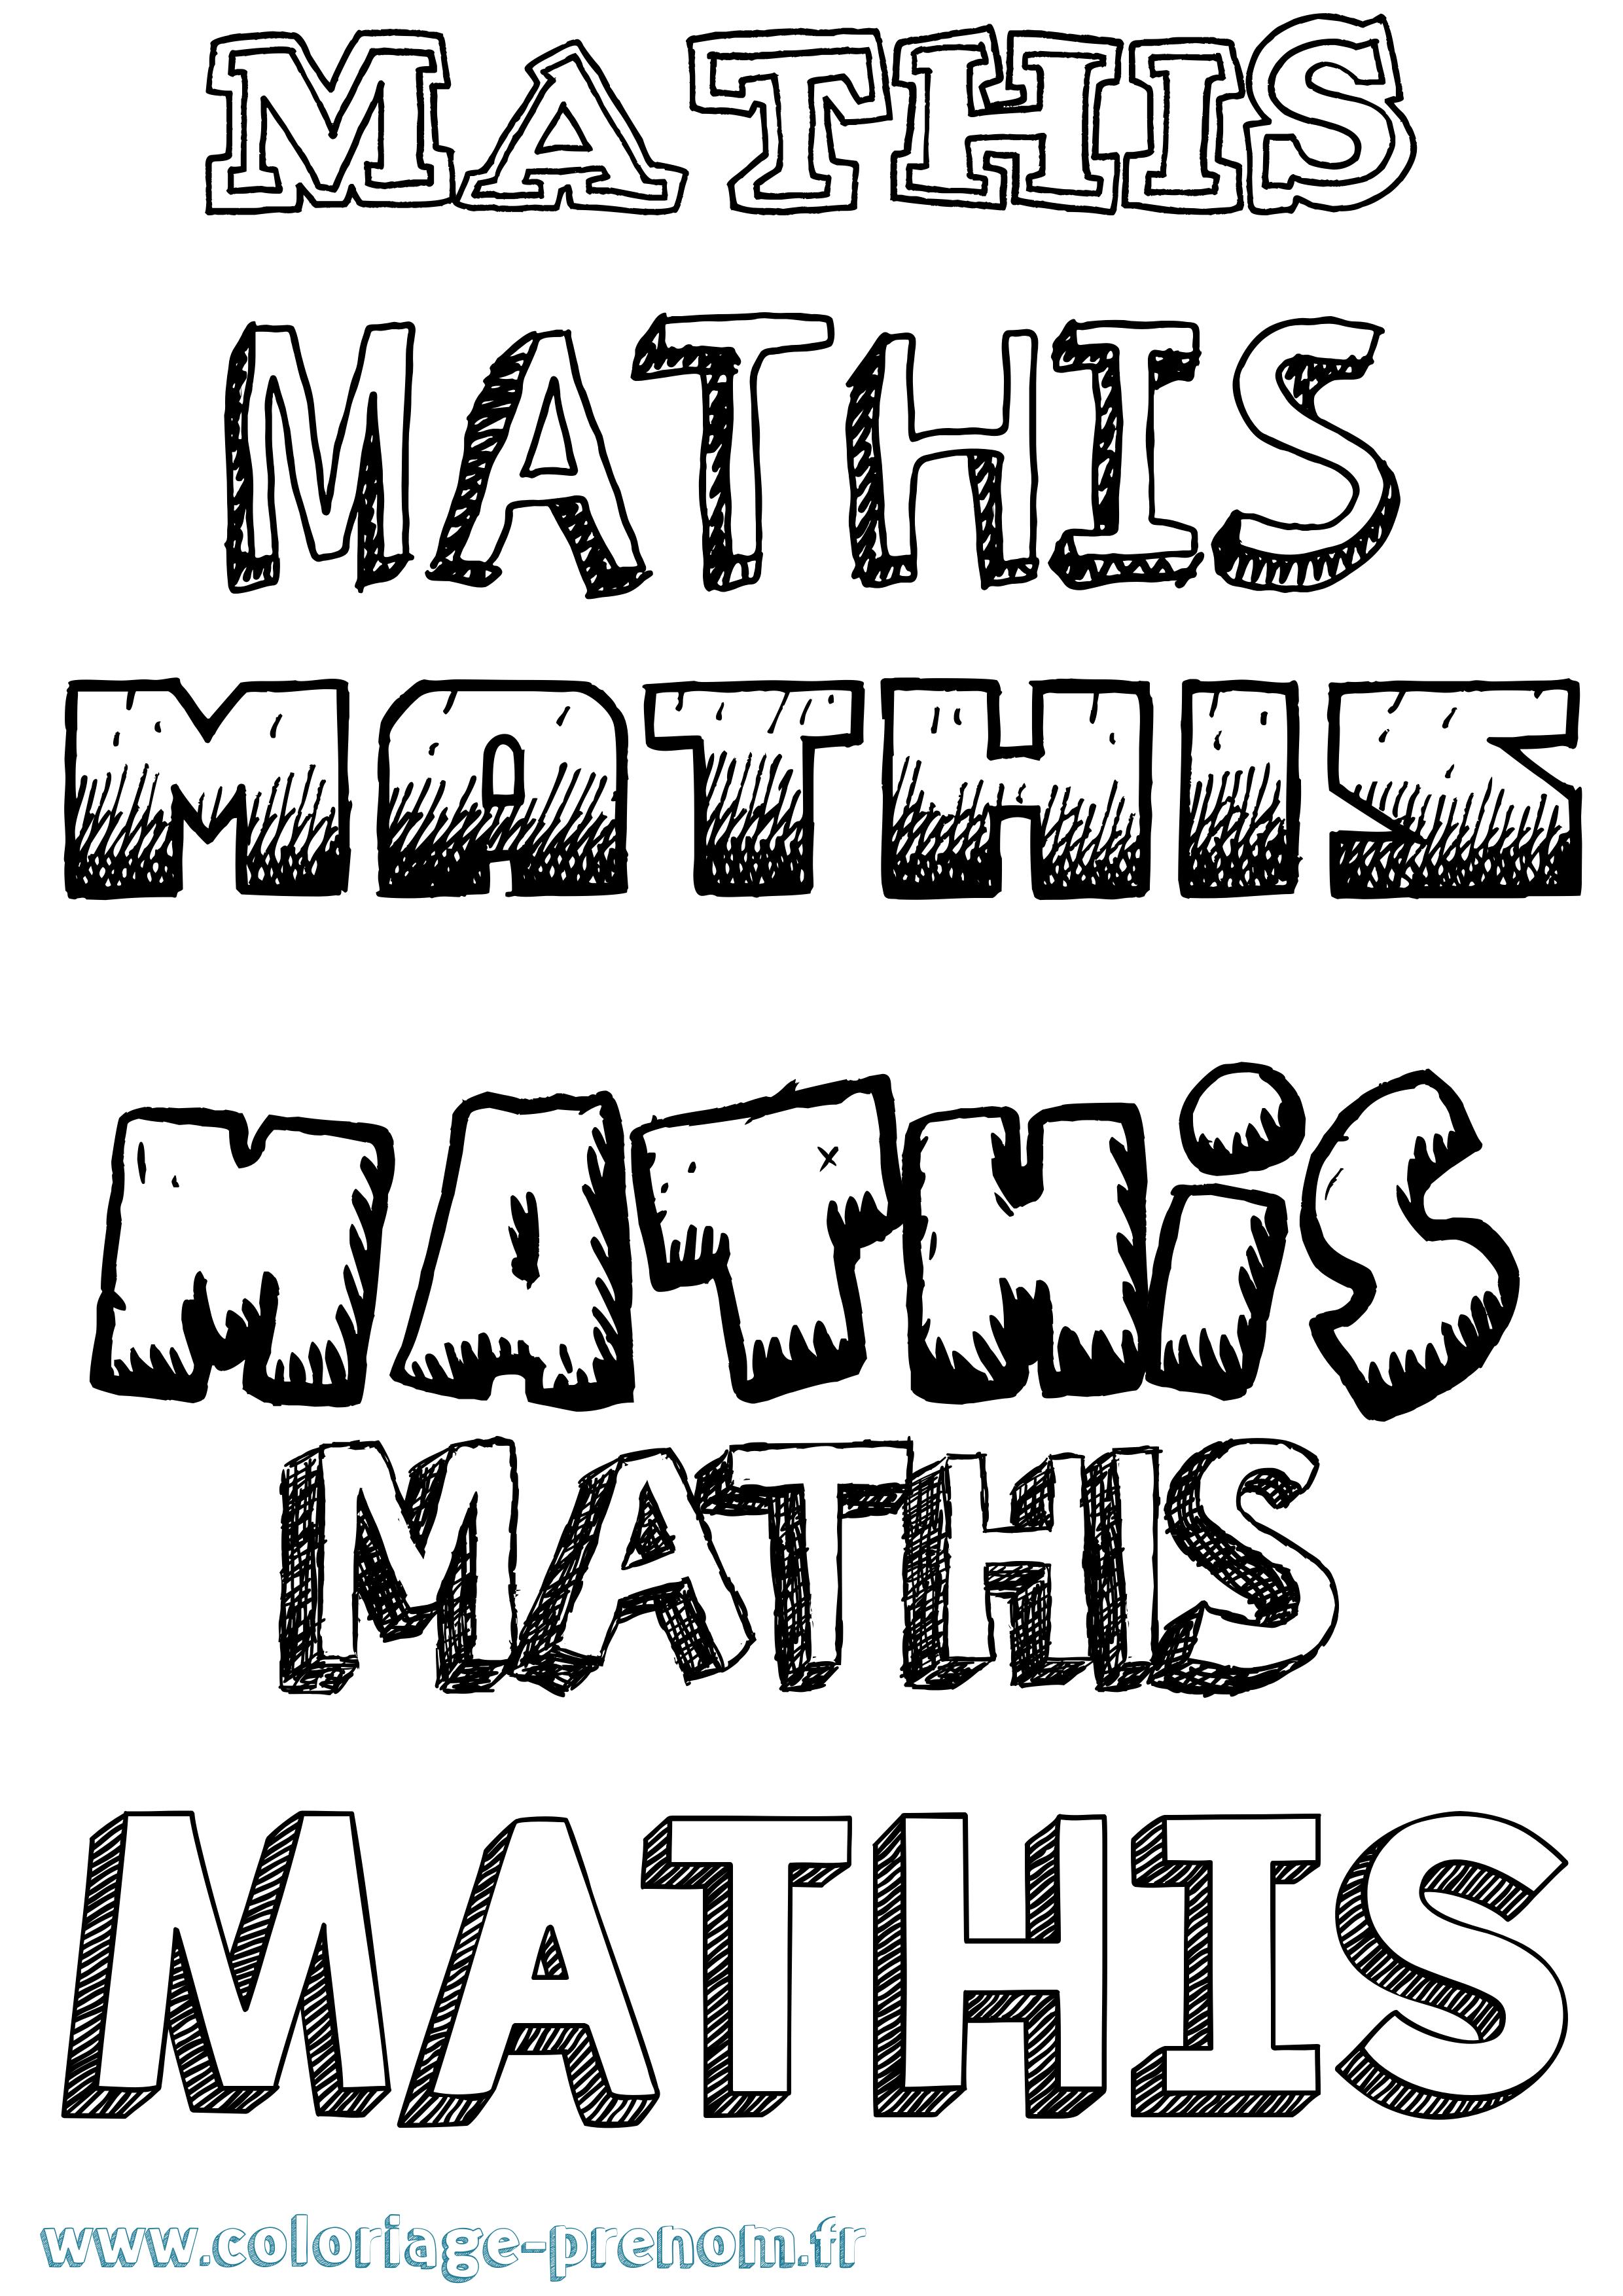 Coloriage du prénom Mathïs : à Imprimer ou Télécharger ...